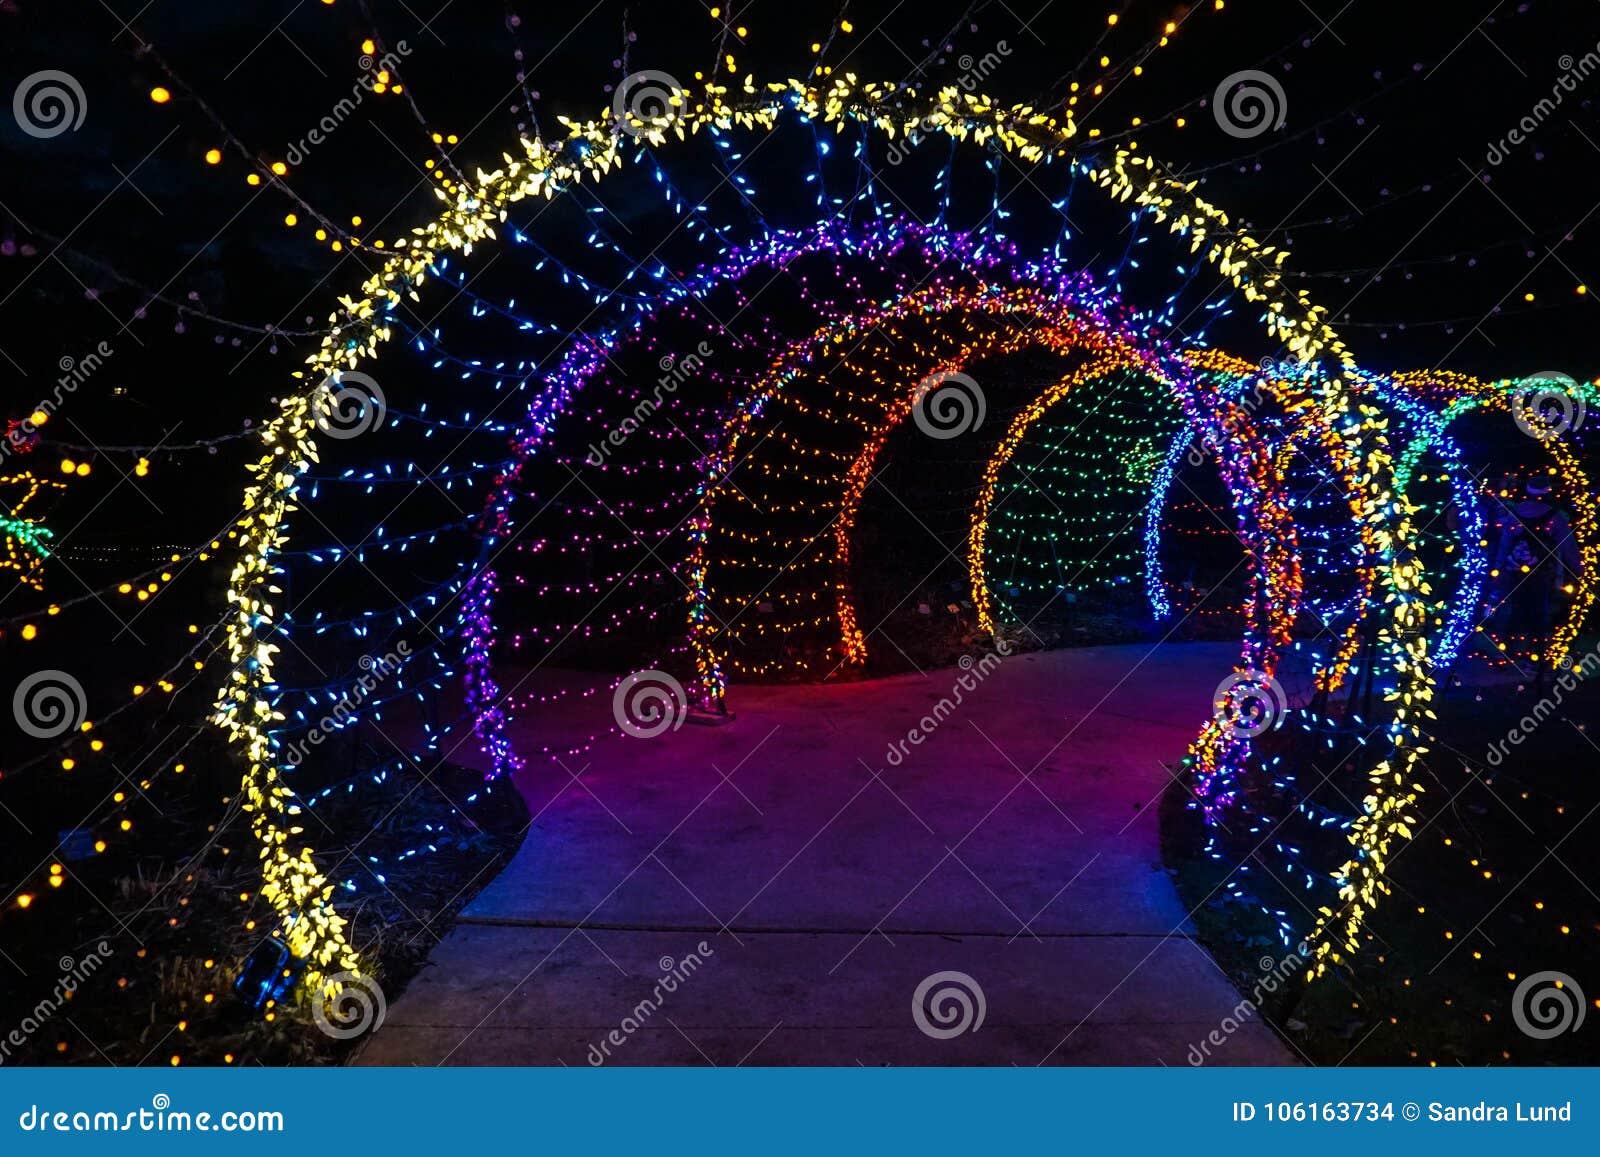 Bożonarodzeniowe światła tunel